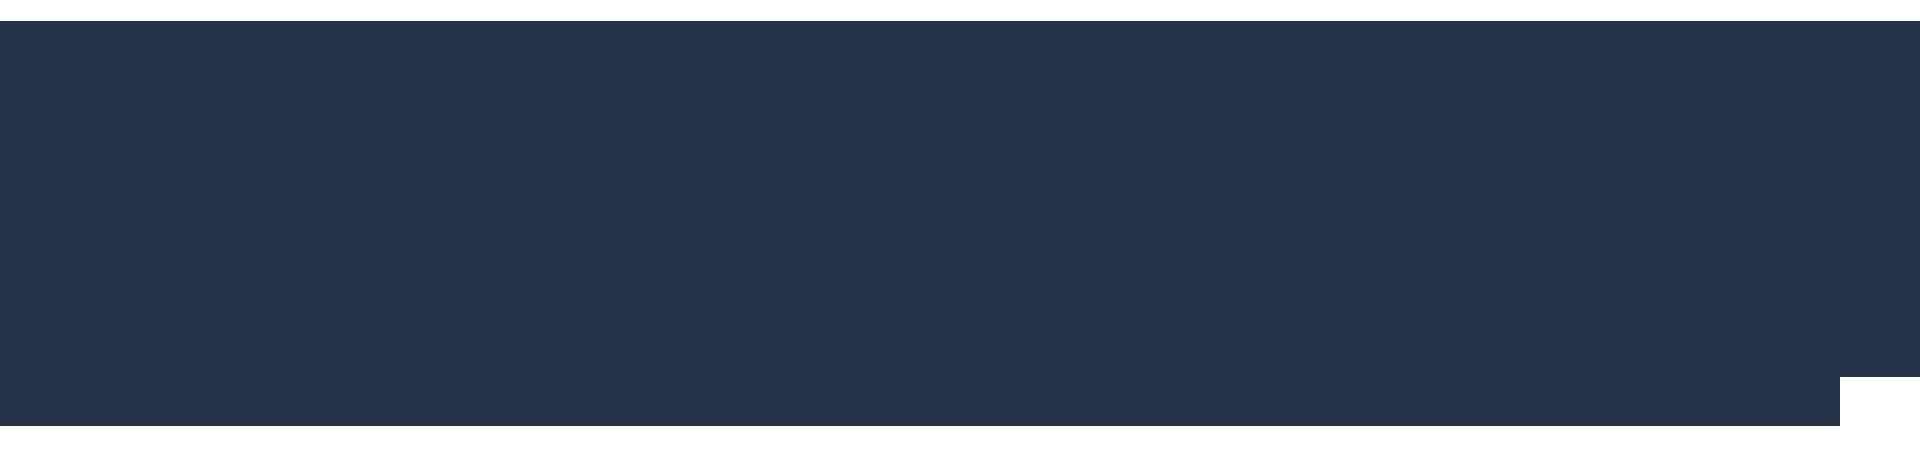 Energetyka inwentaryzacja sieci